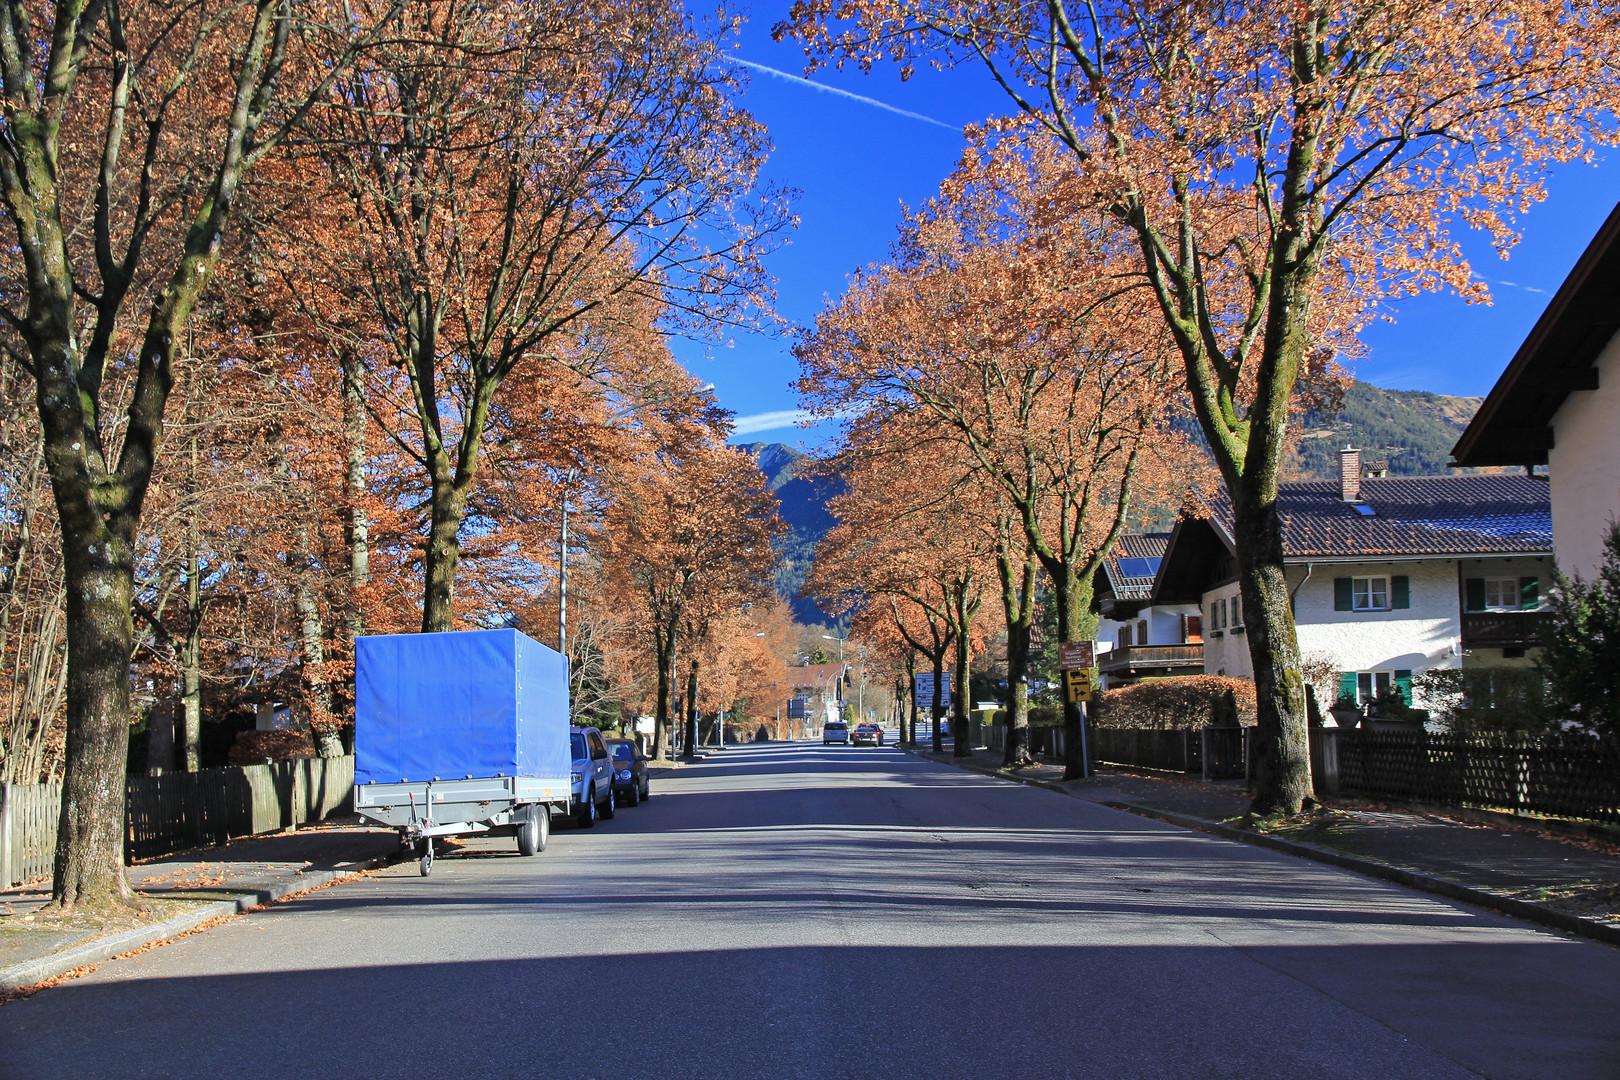 Erster Adventssonntag in Garmisch-Partenkirchen